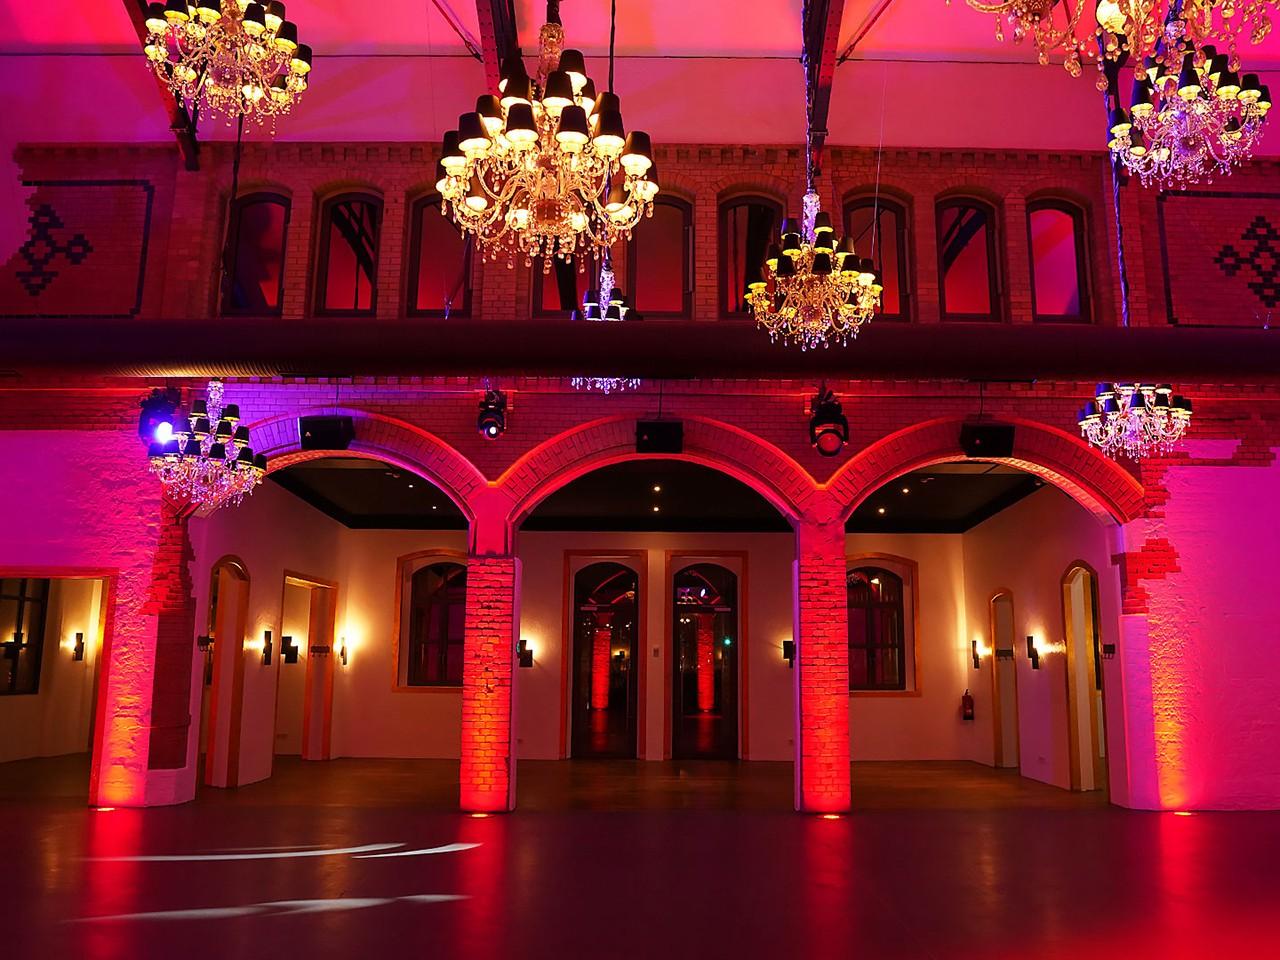 wartehalle_indoor_abend_031280x960px